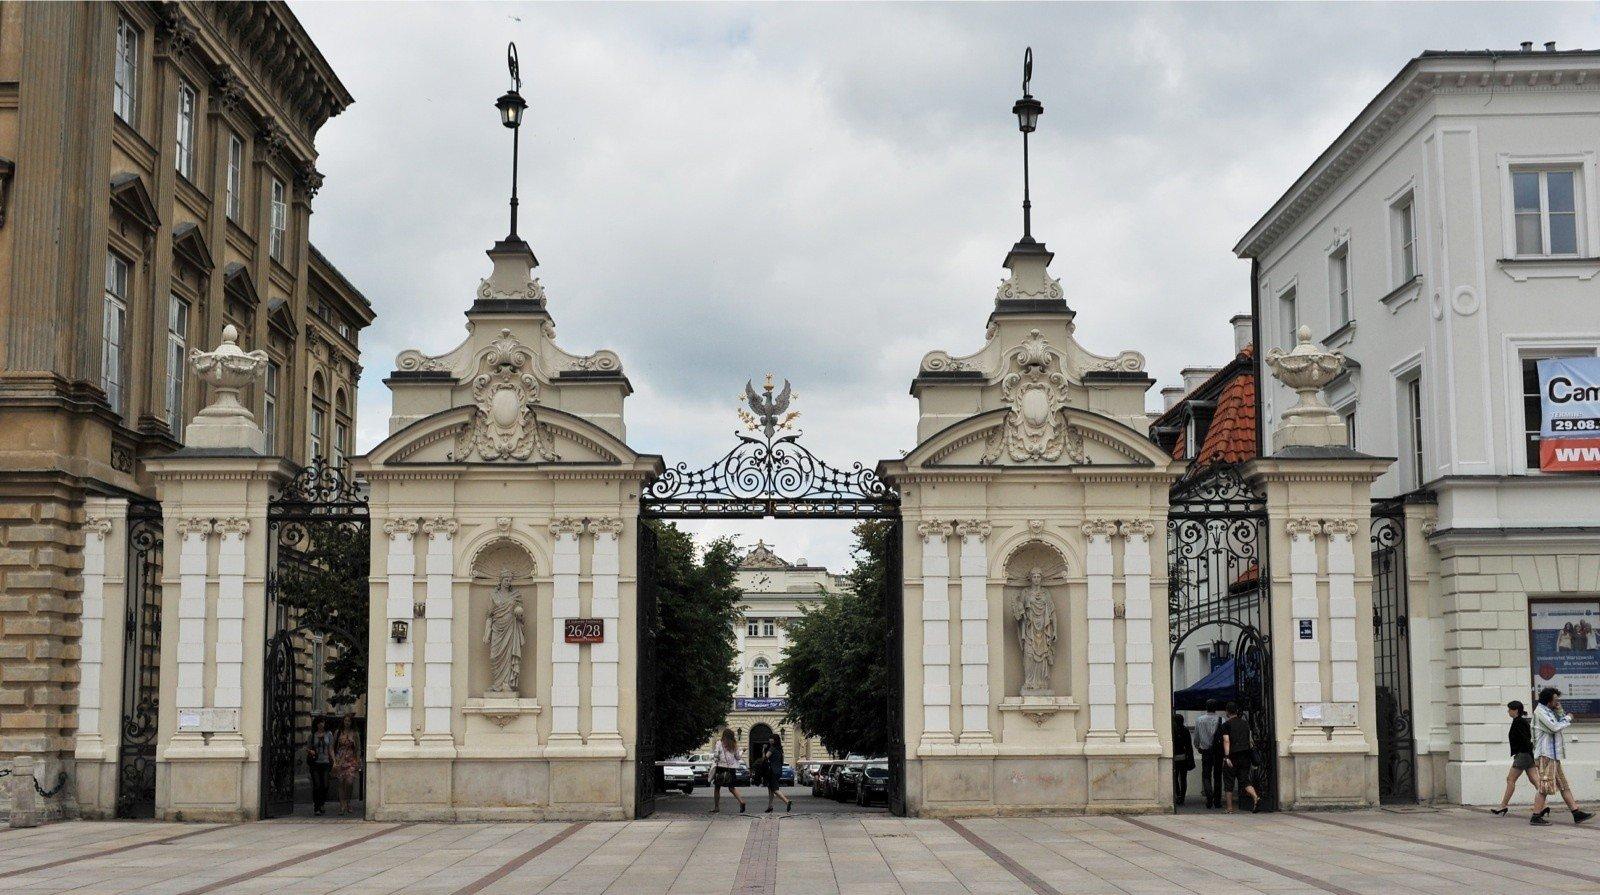 Rekrutacja na studia 2020 Warszawa. SGGW. Harmonogram rekrutacji i zasady. Terminy UW, WUM, PW, SGH   Polska Times